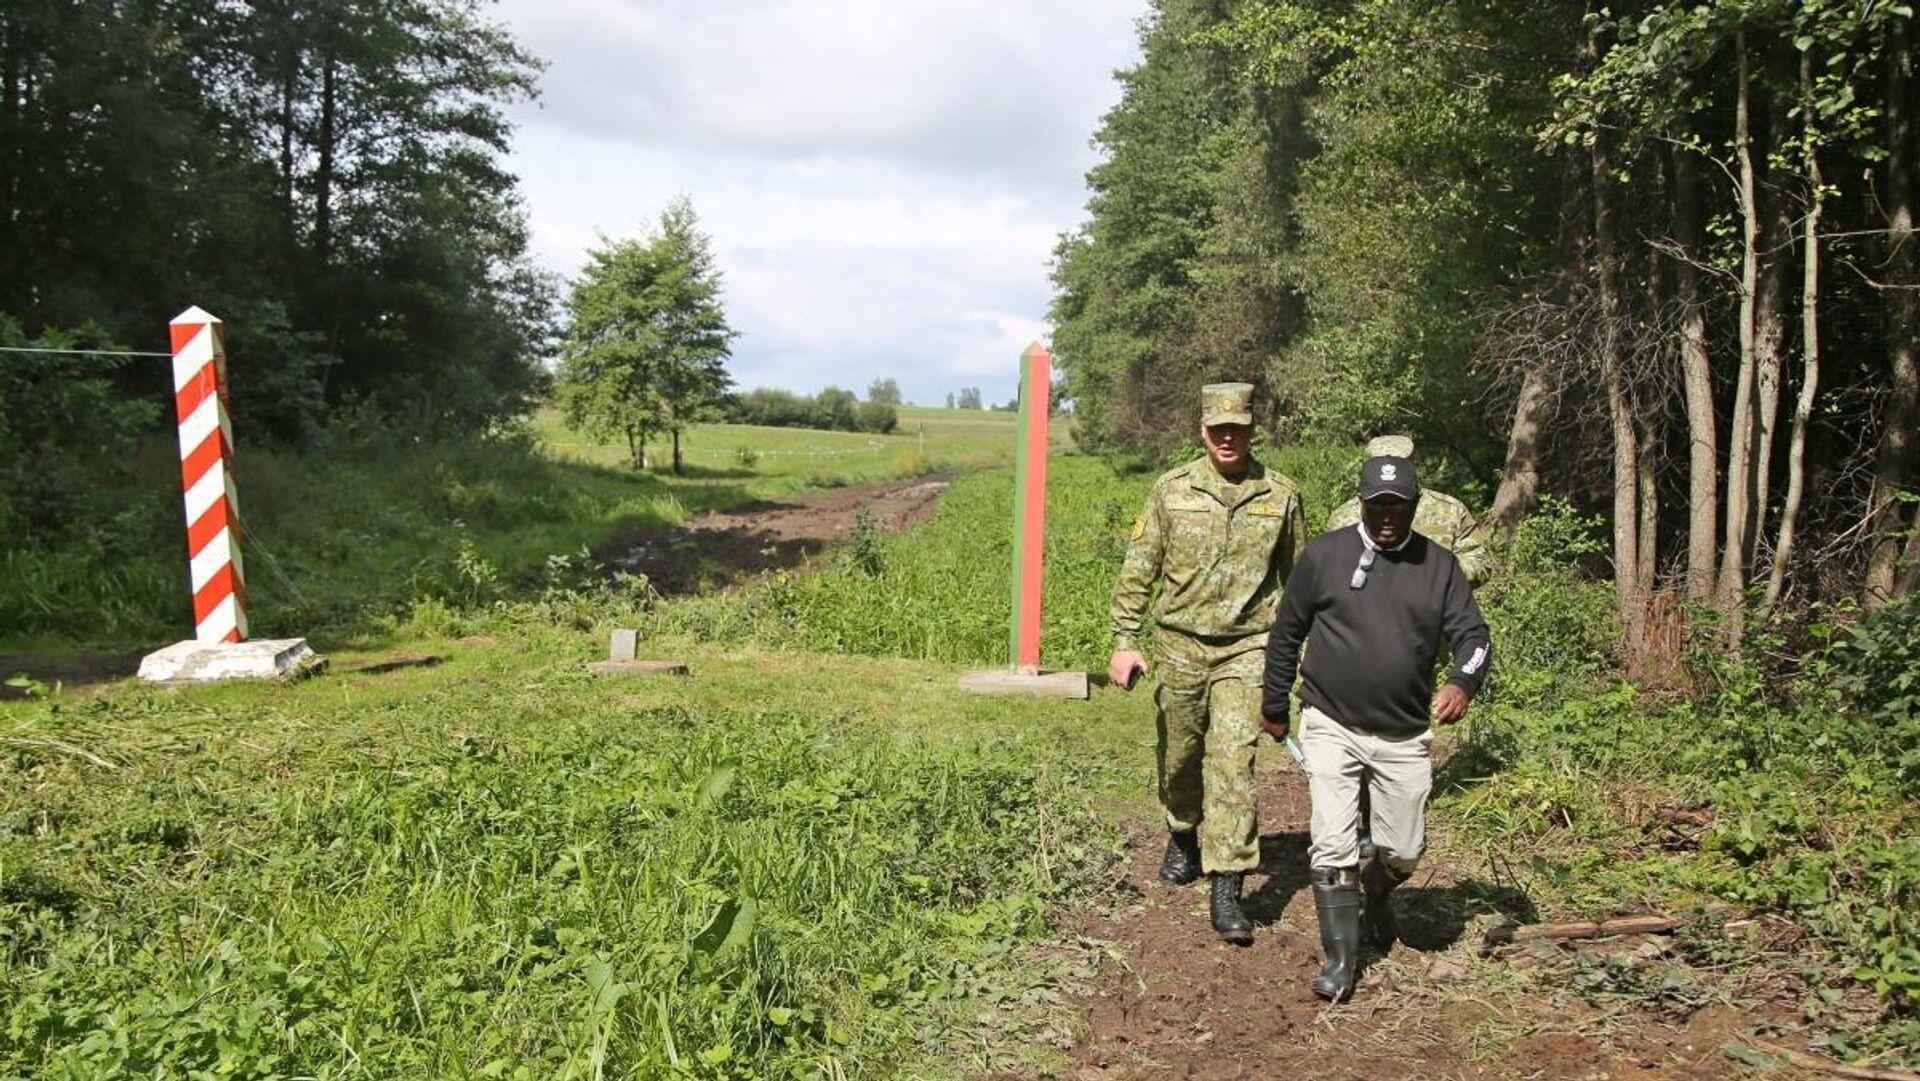 Обстановка на польско-белорусской границе, 1 сентября 2021 года - Sputnik Латвия, 1920, 03.09.2021